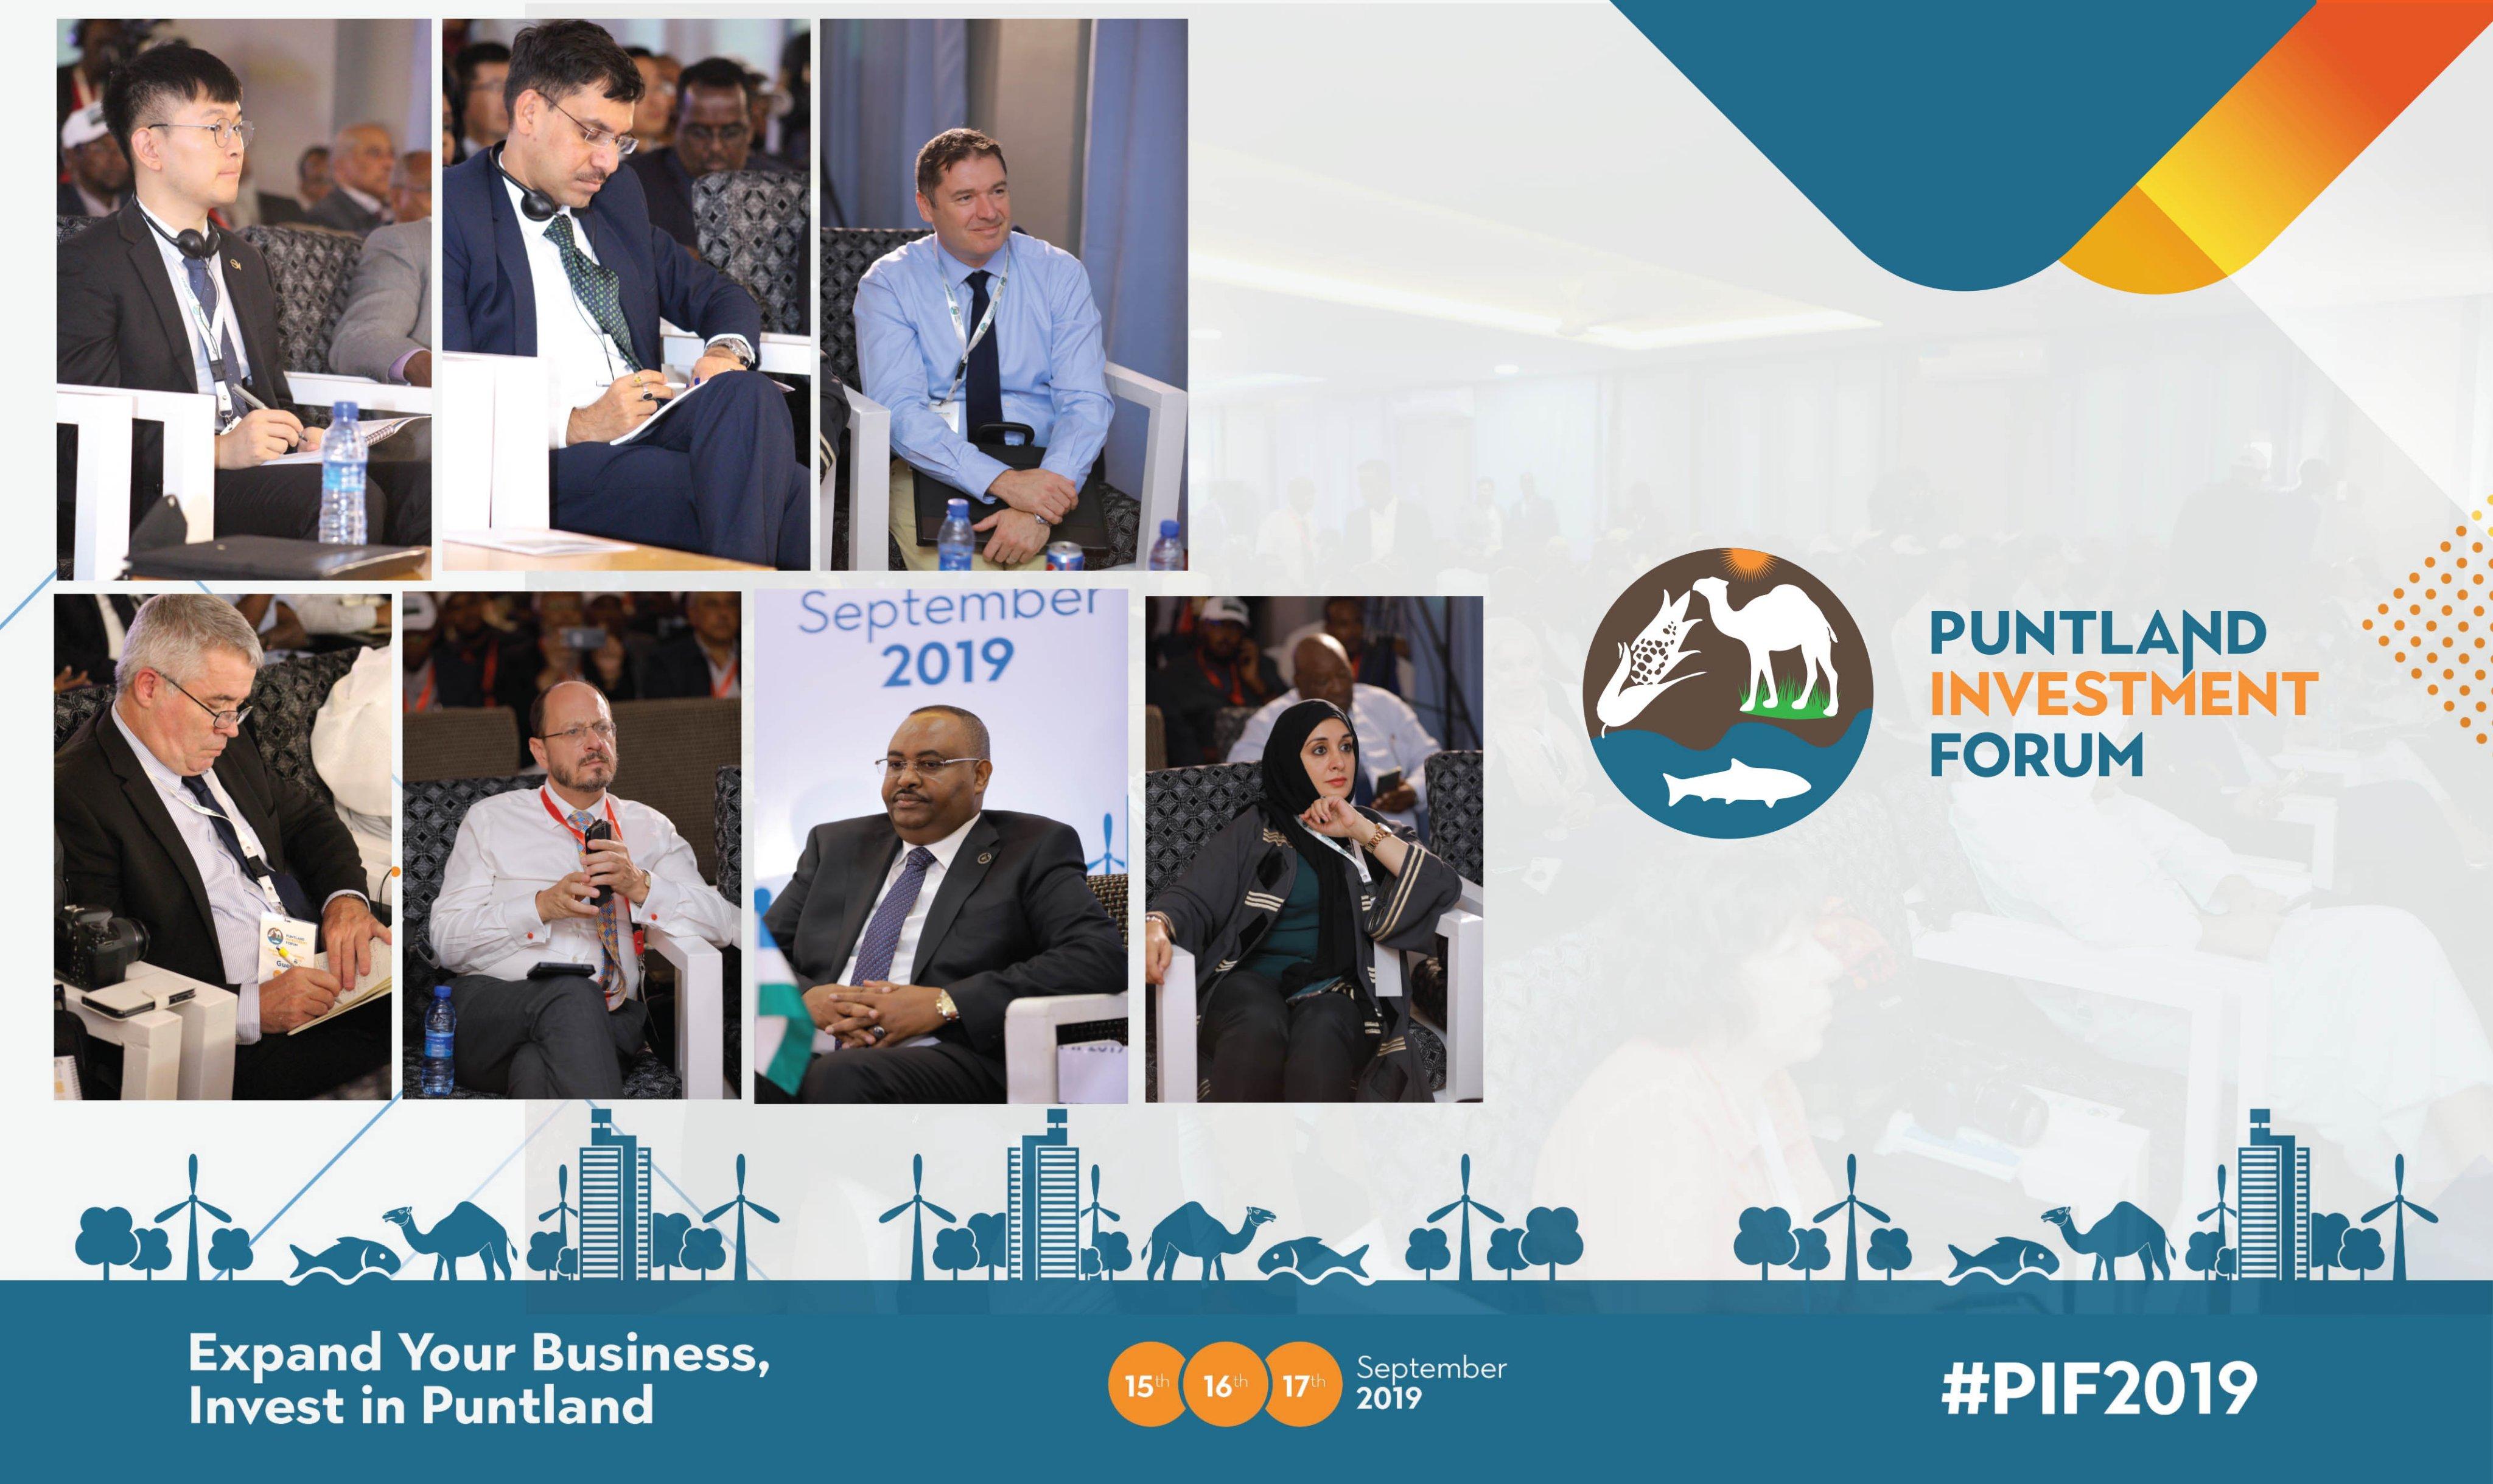 Puntland Investment Forum